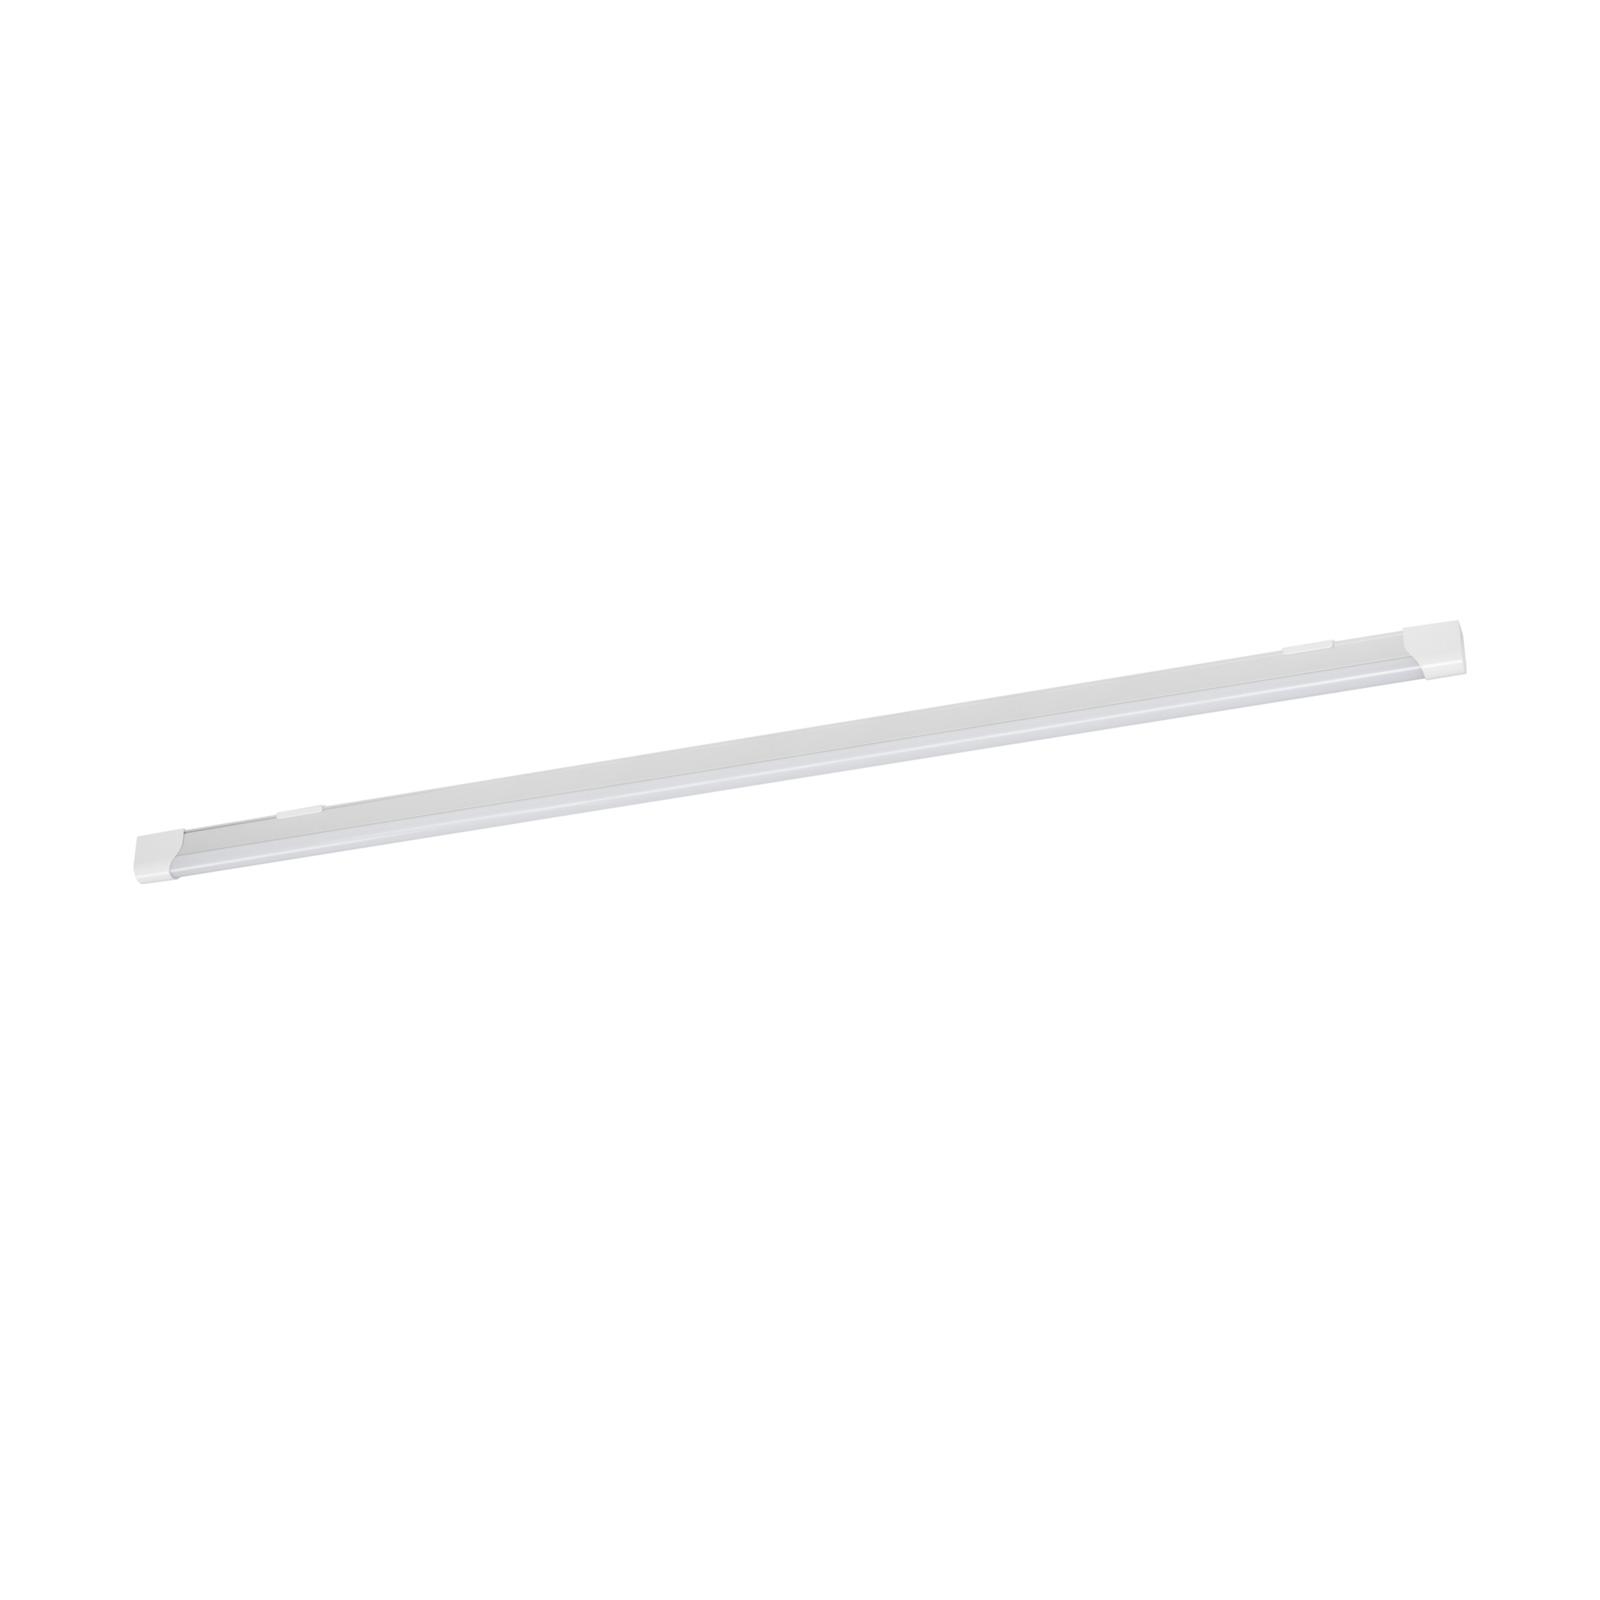 LEDVANCE Value Batten LED-Lichtleiste 120 cm